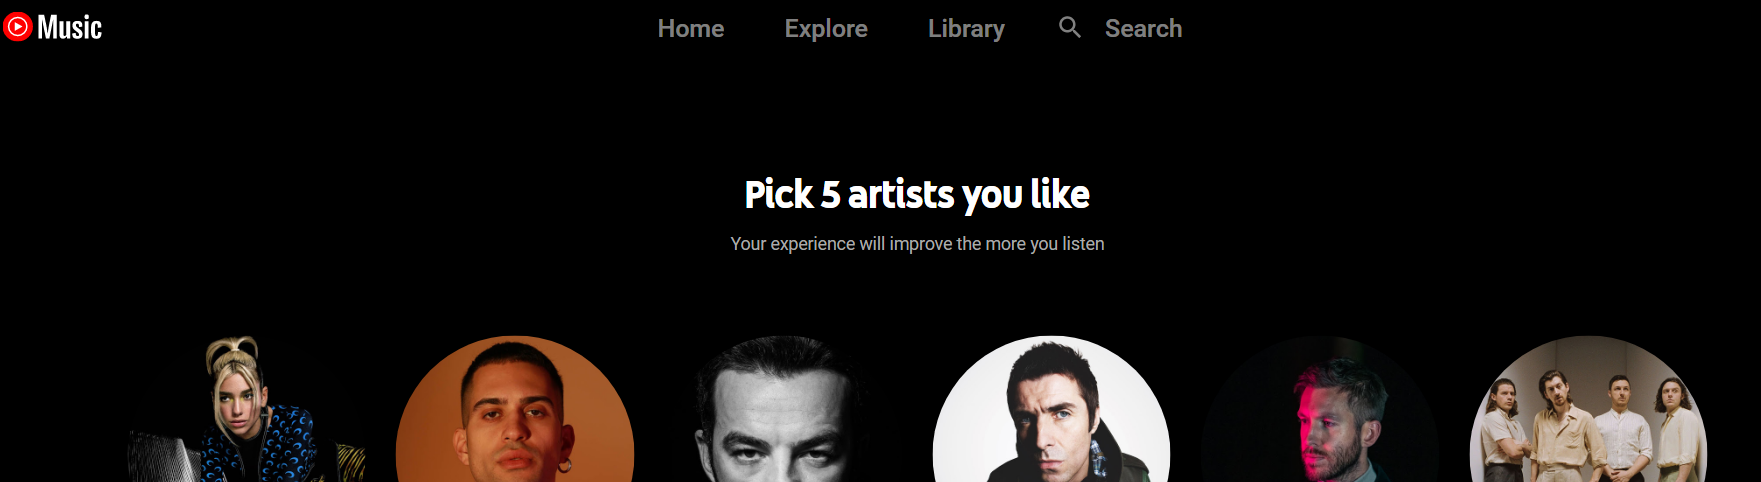 Quanto si guadagna con Spotify?